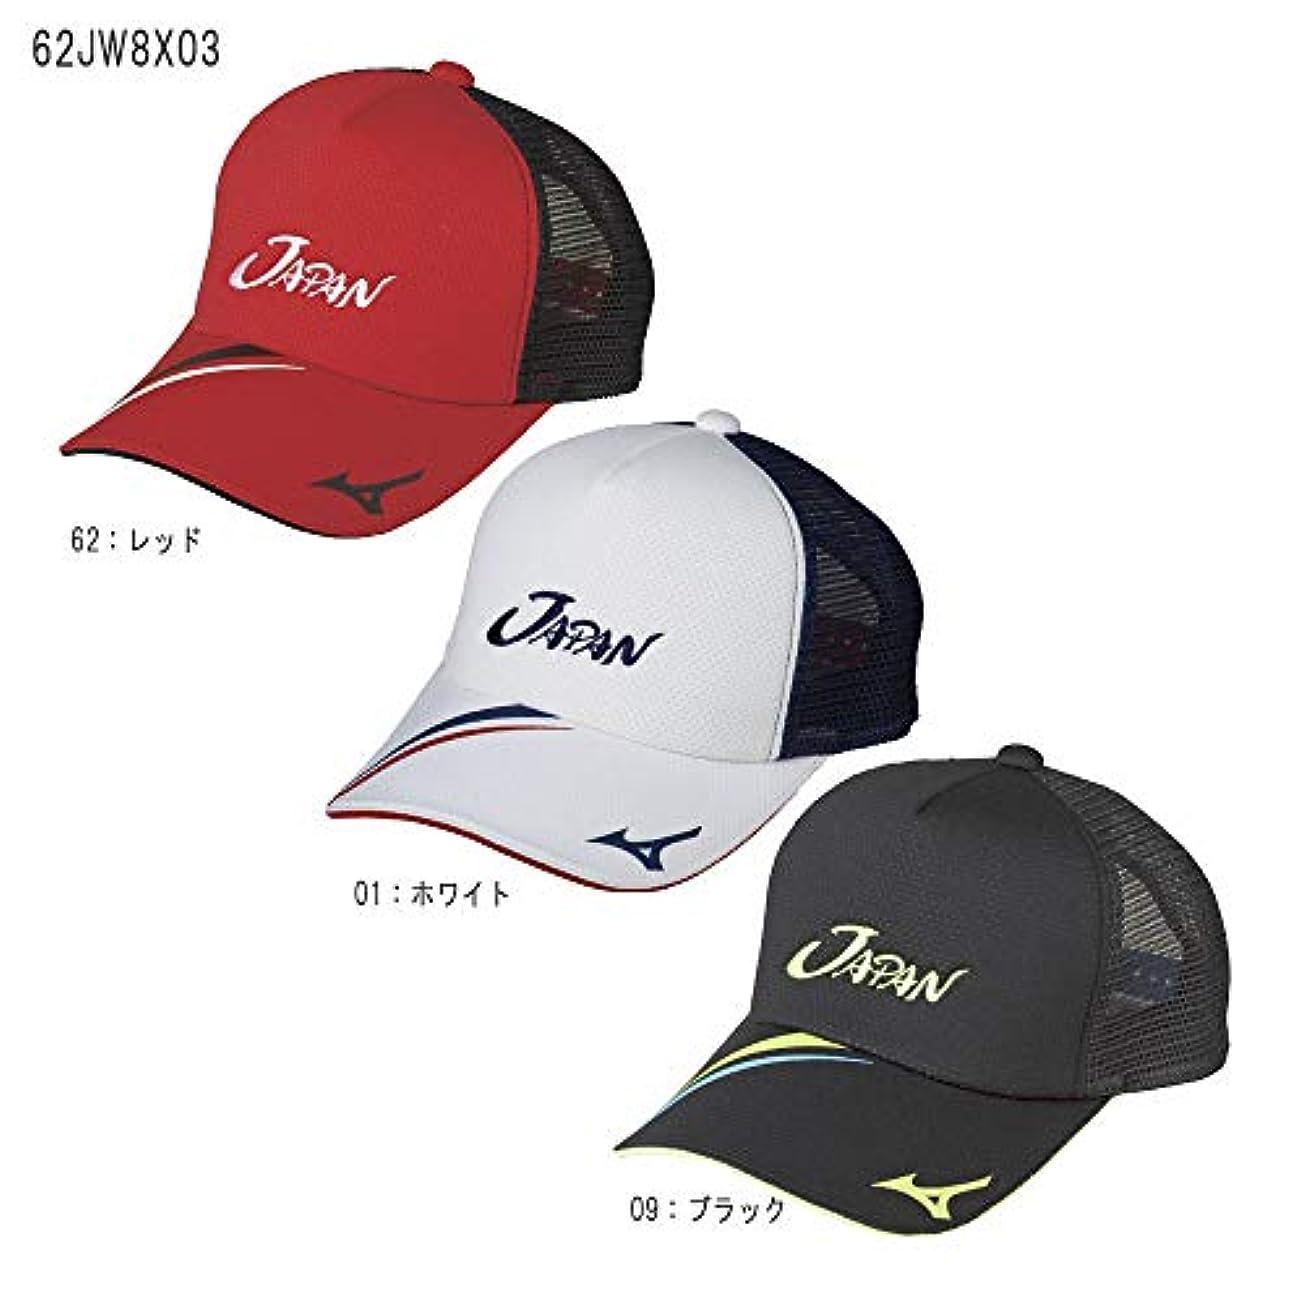 つぶやき正規化バターミズノ 2018年ソフトテニス日本代表応援キャップ/帽子 MIZUNO 62JW8X03 限定生産品 2018年モデル